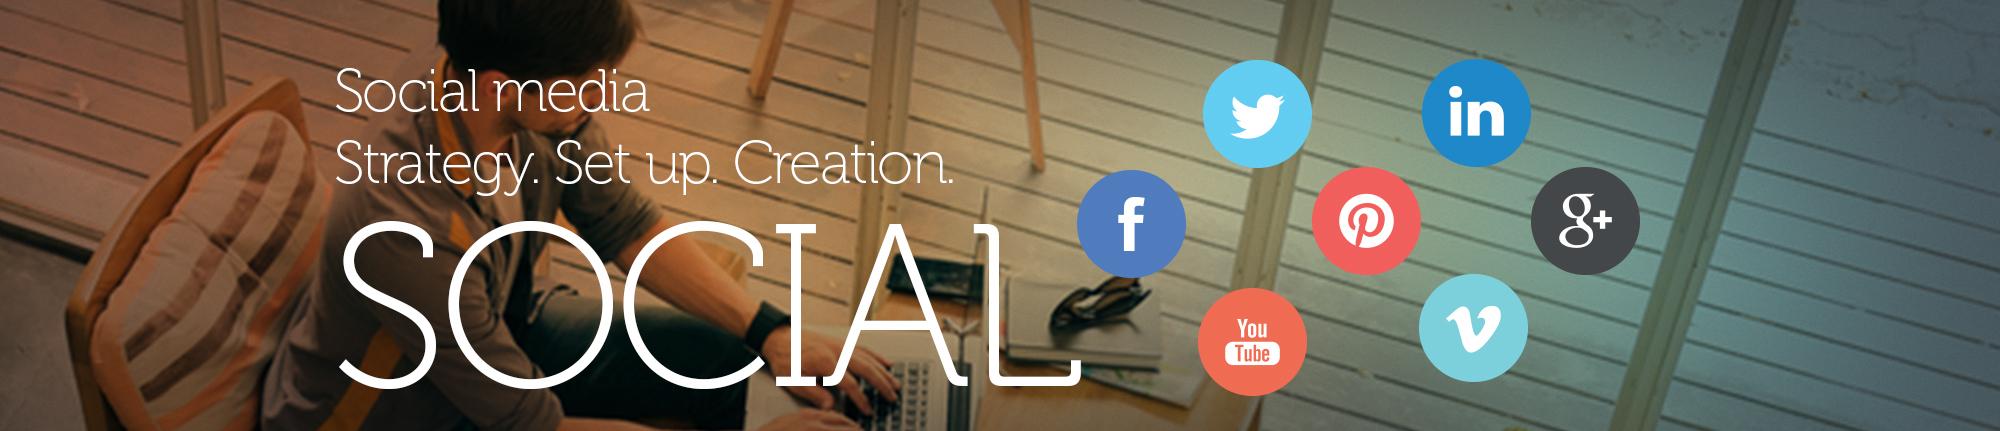 Social-media-w-text.jpg